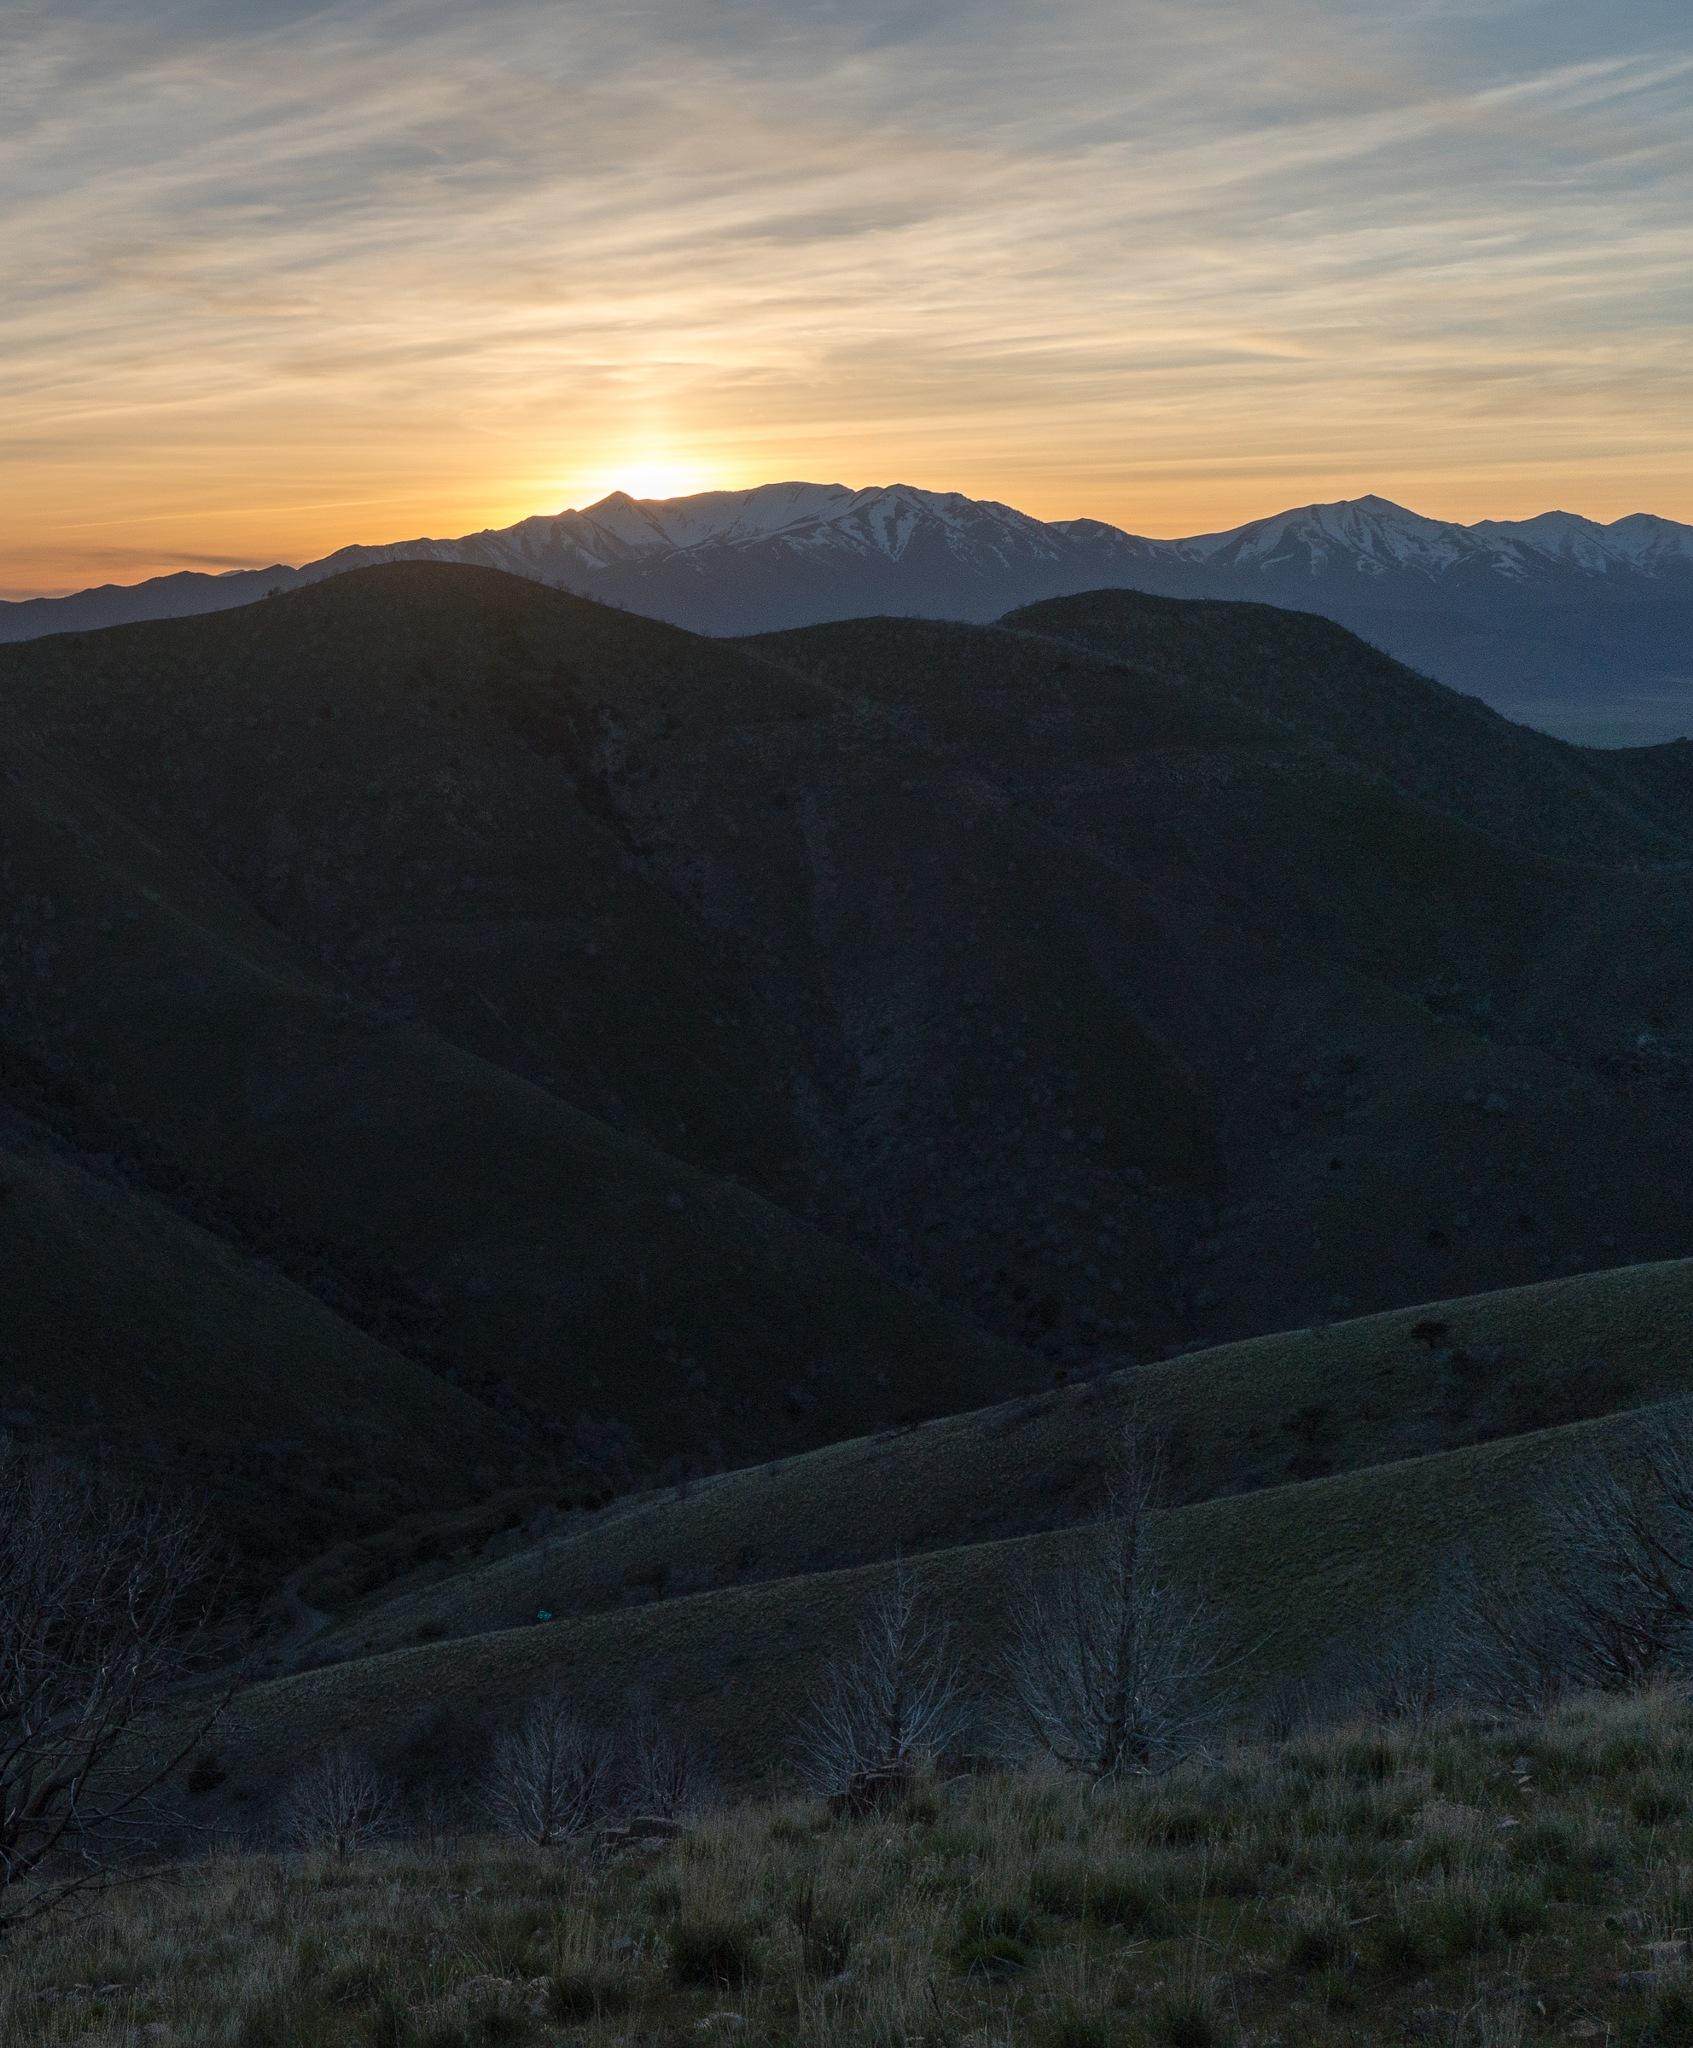 West Mountain by Bret Little